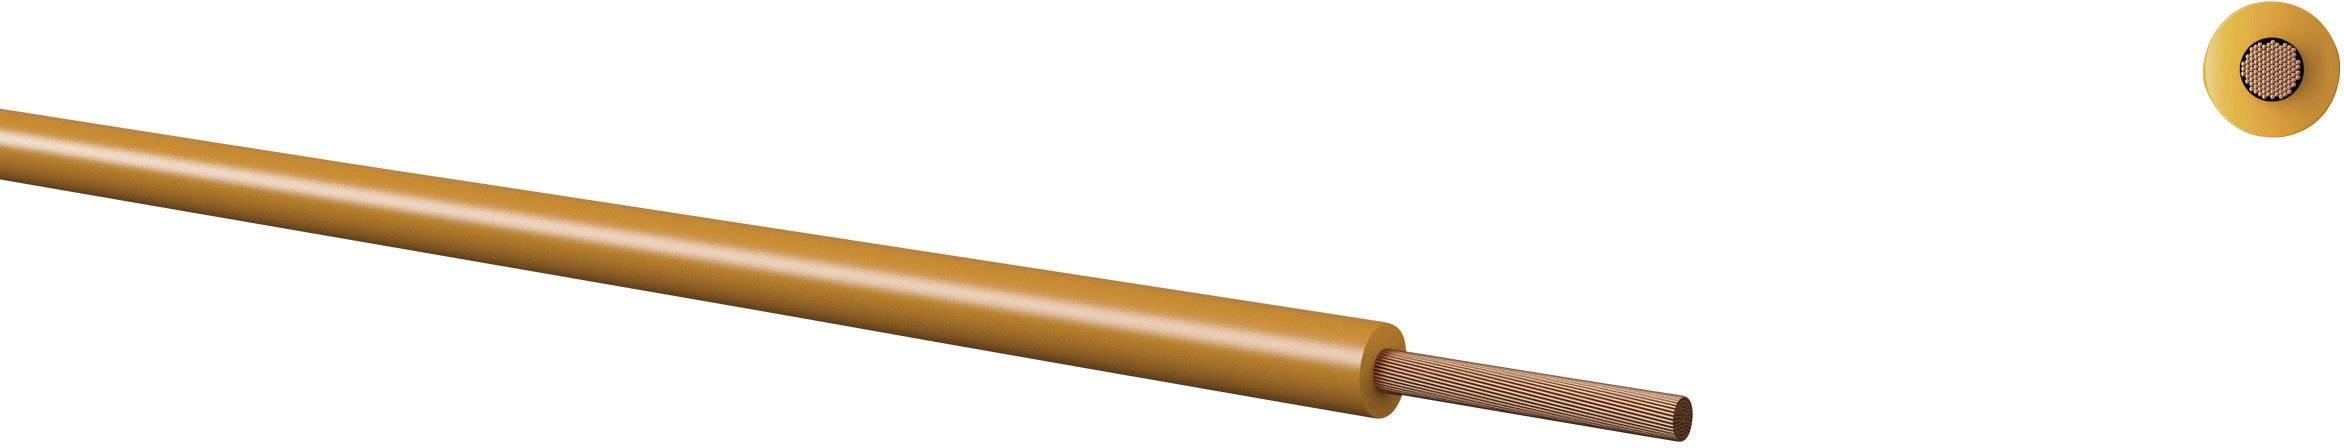 Opletenie / lanko Kabeltronik 160110008 LiFY, 1 x 1 mm², vonkajší Ø 2.50 mm, metrový tovar, červená